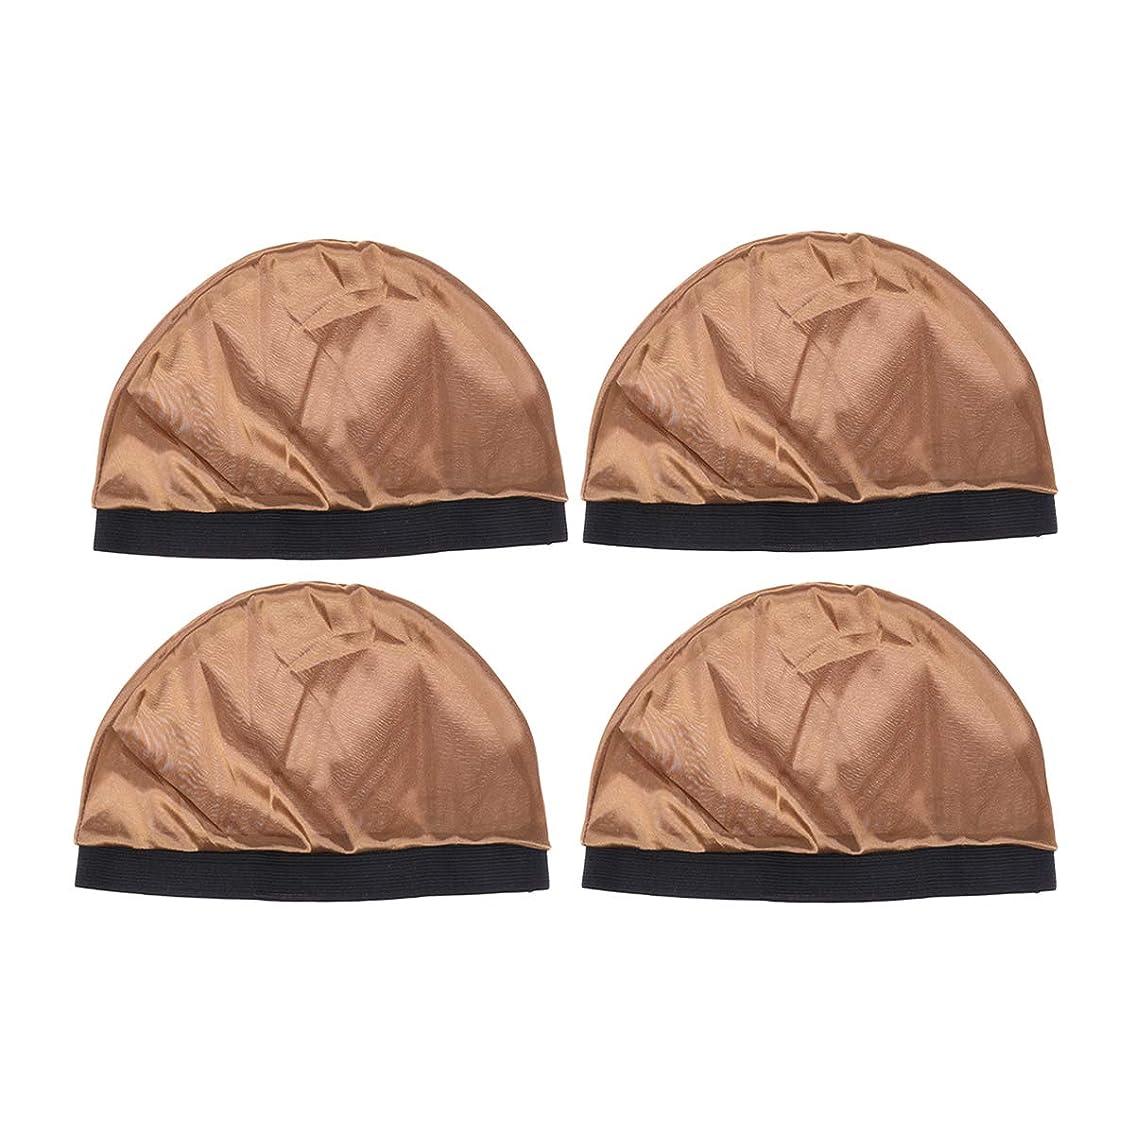 広く型ばかげたHEALIFTY ワイド弾性化学療法キャップスリーピングキャップ脱毛キャップ4個(カーキ)